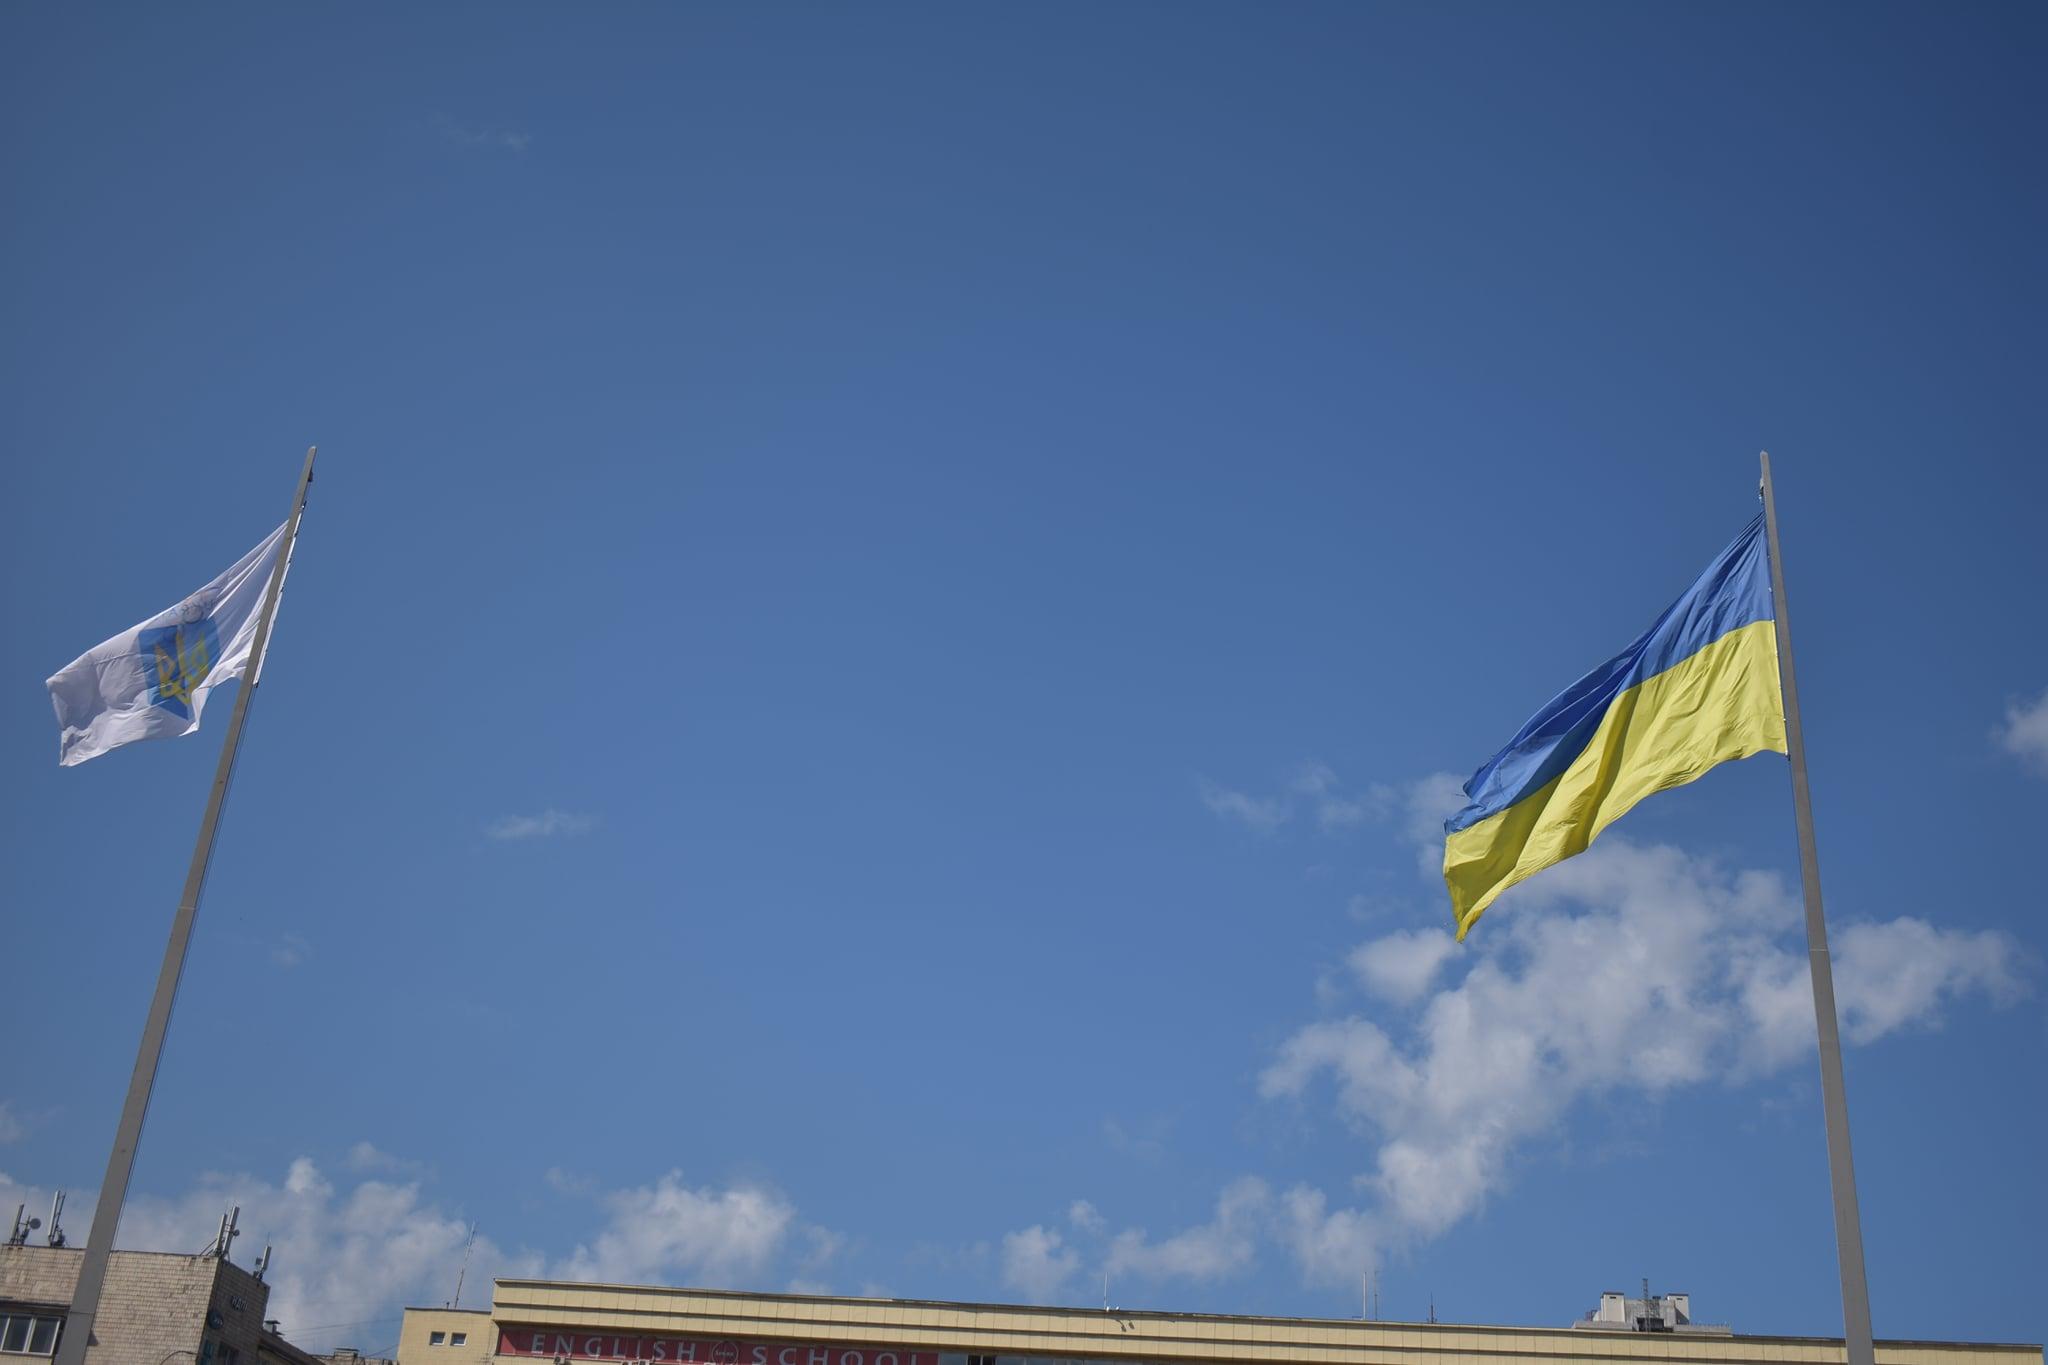 Підняття олімпійського прапора в Київській обласній держадмінстрації. Фото